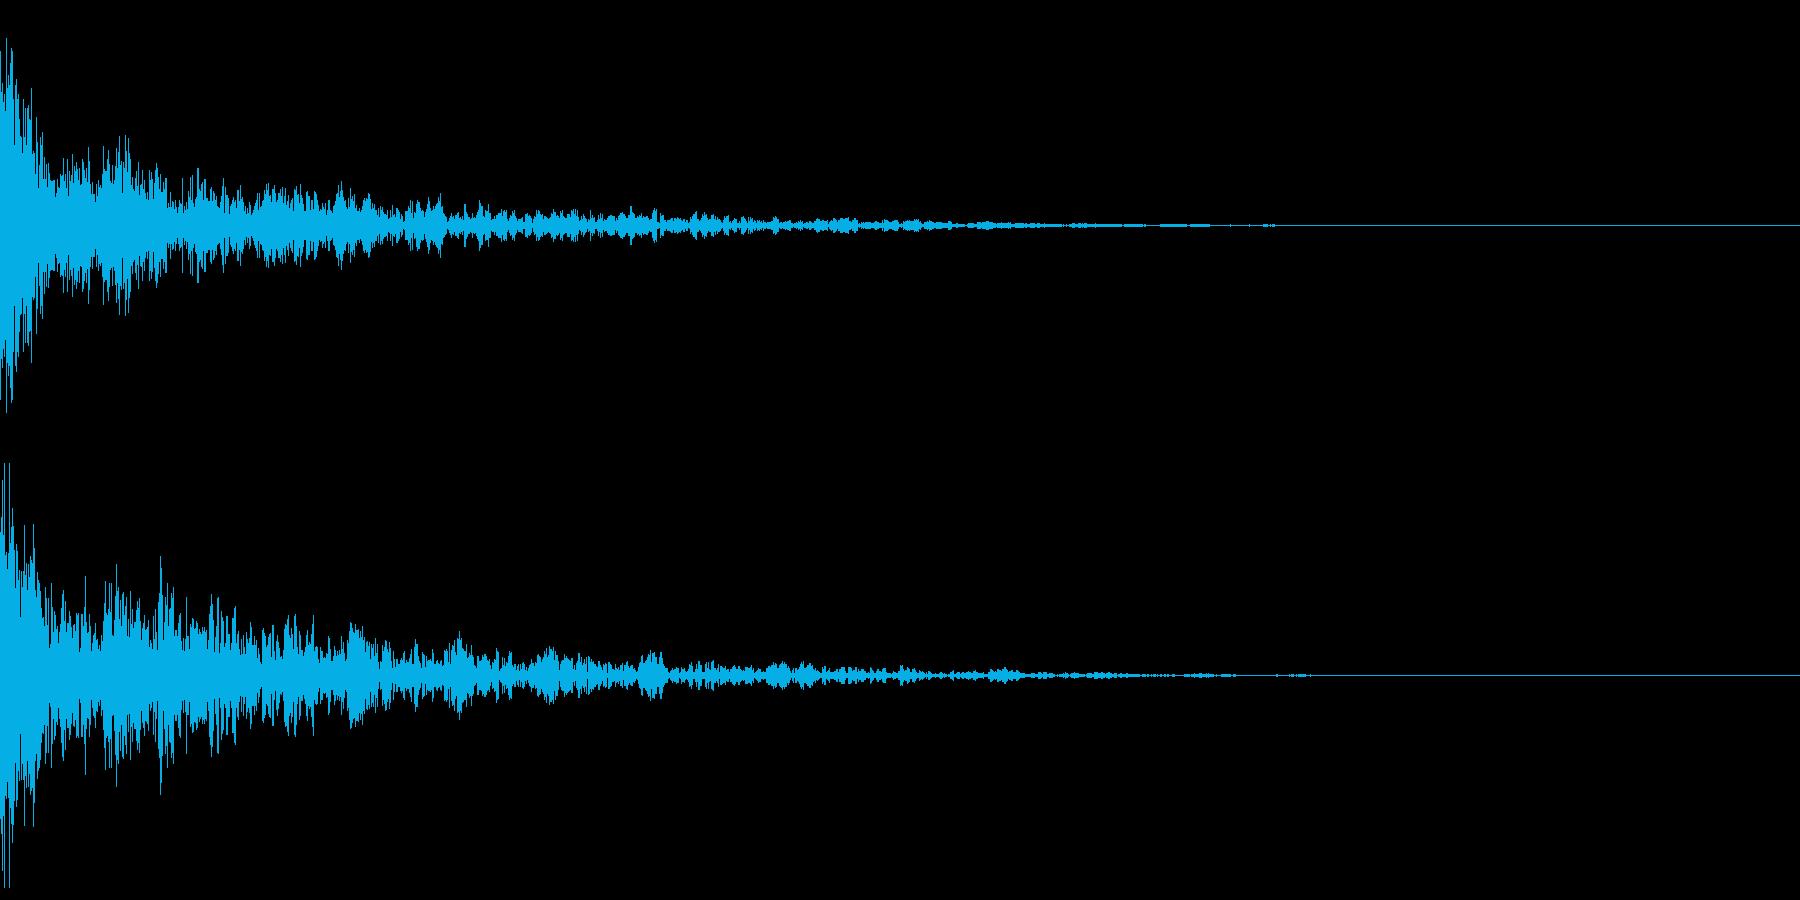 ドーン-43-2(インパクト音)の再生済みの波形